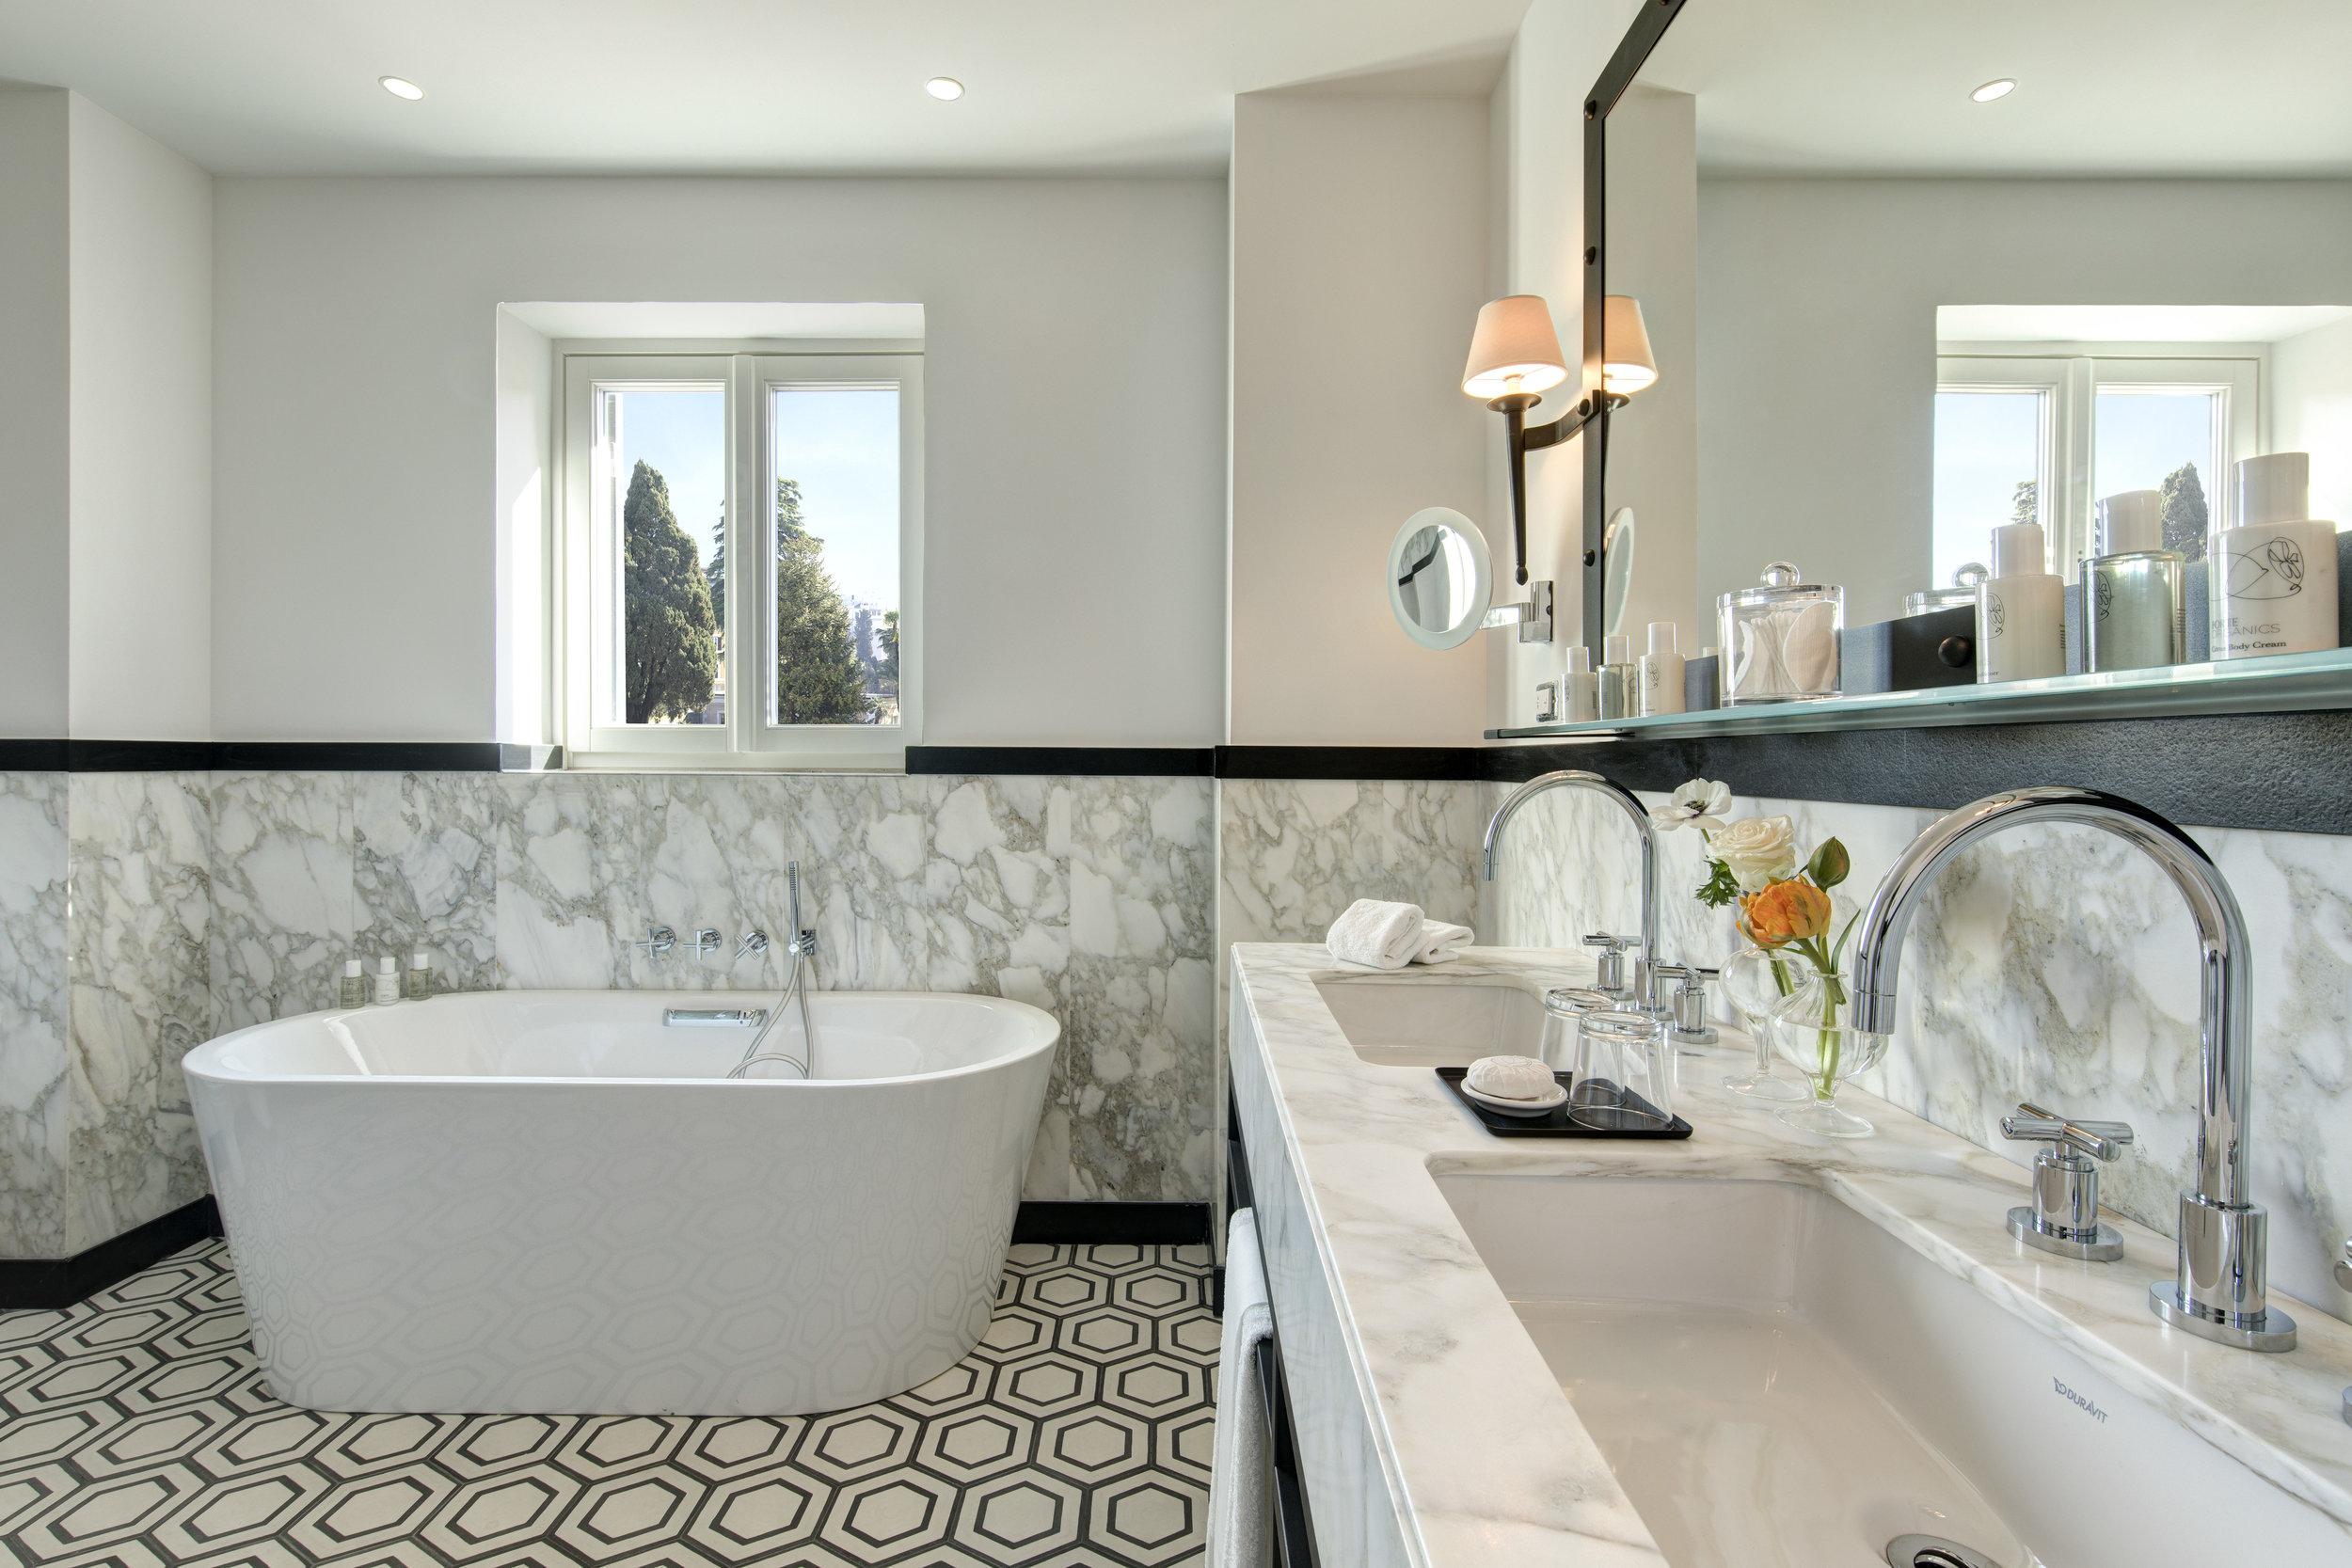 RFH Hotel de la Ville -  Junior Suite - Bathroom.JPG